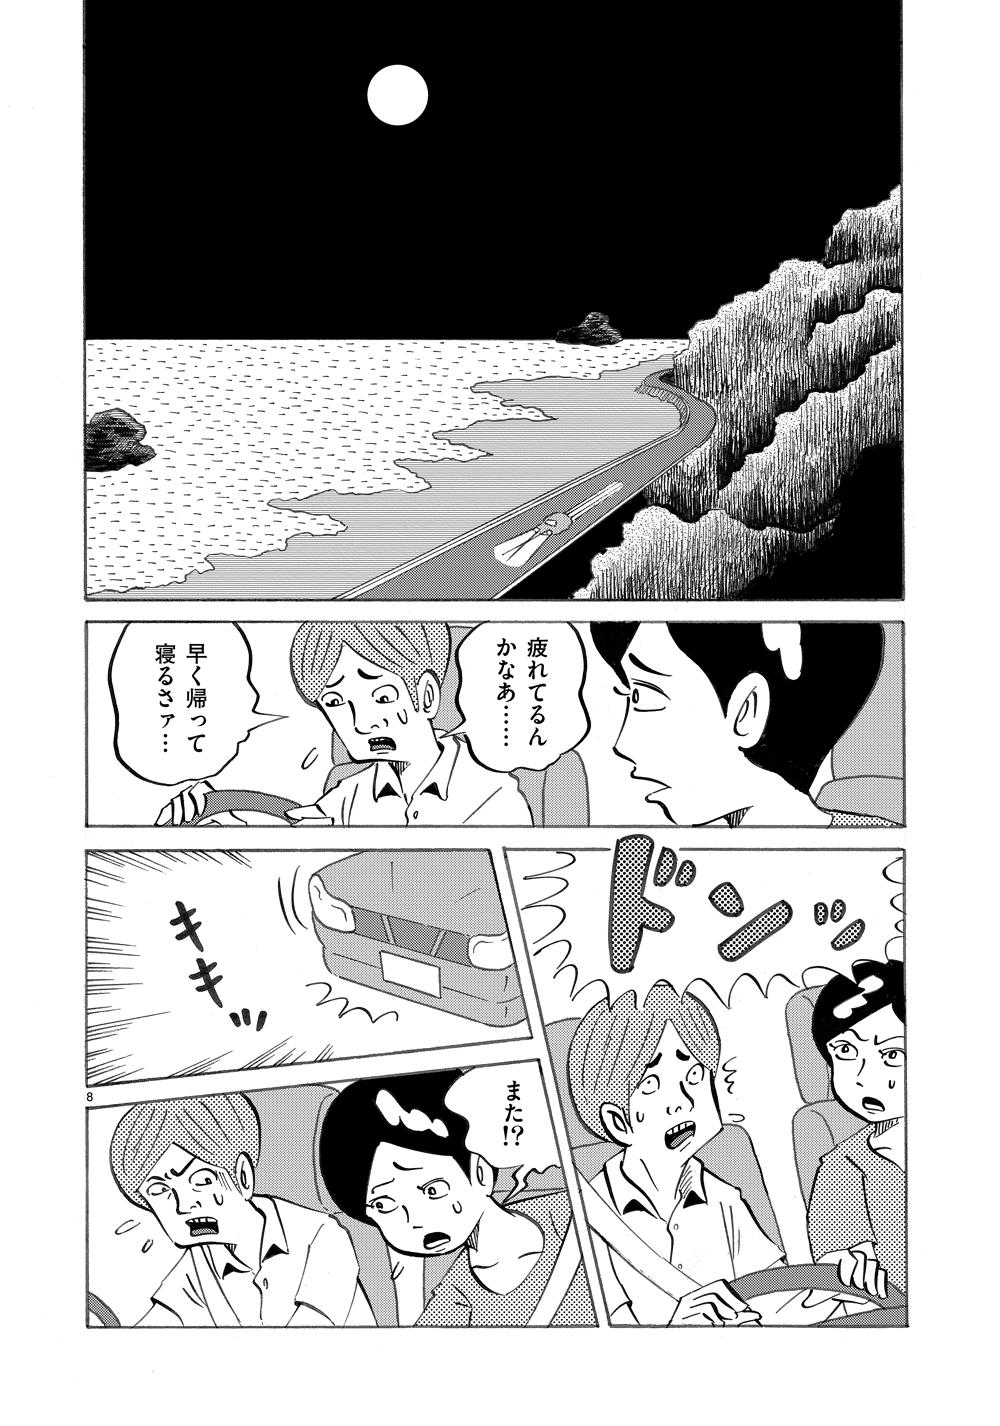 琉球怪談 【第8話】WEB掲載8ページ目画像